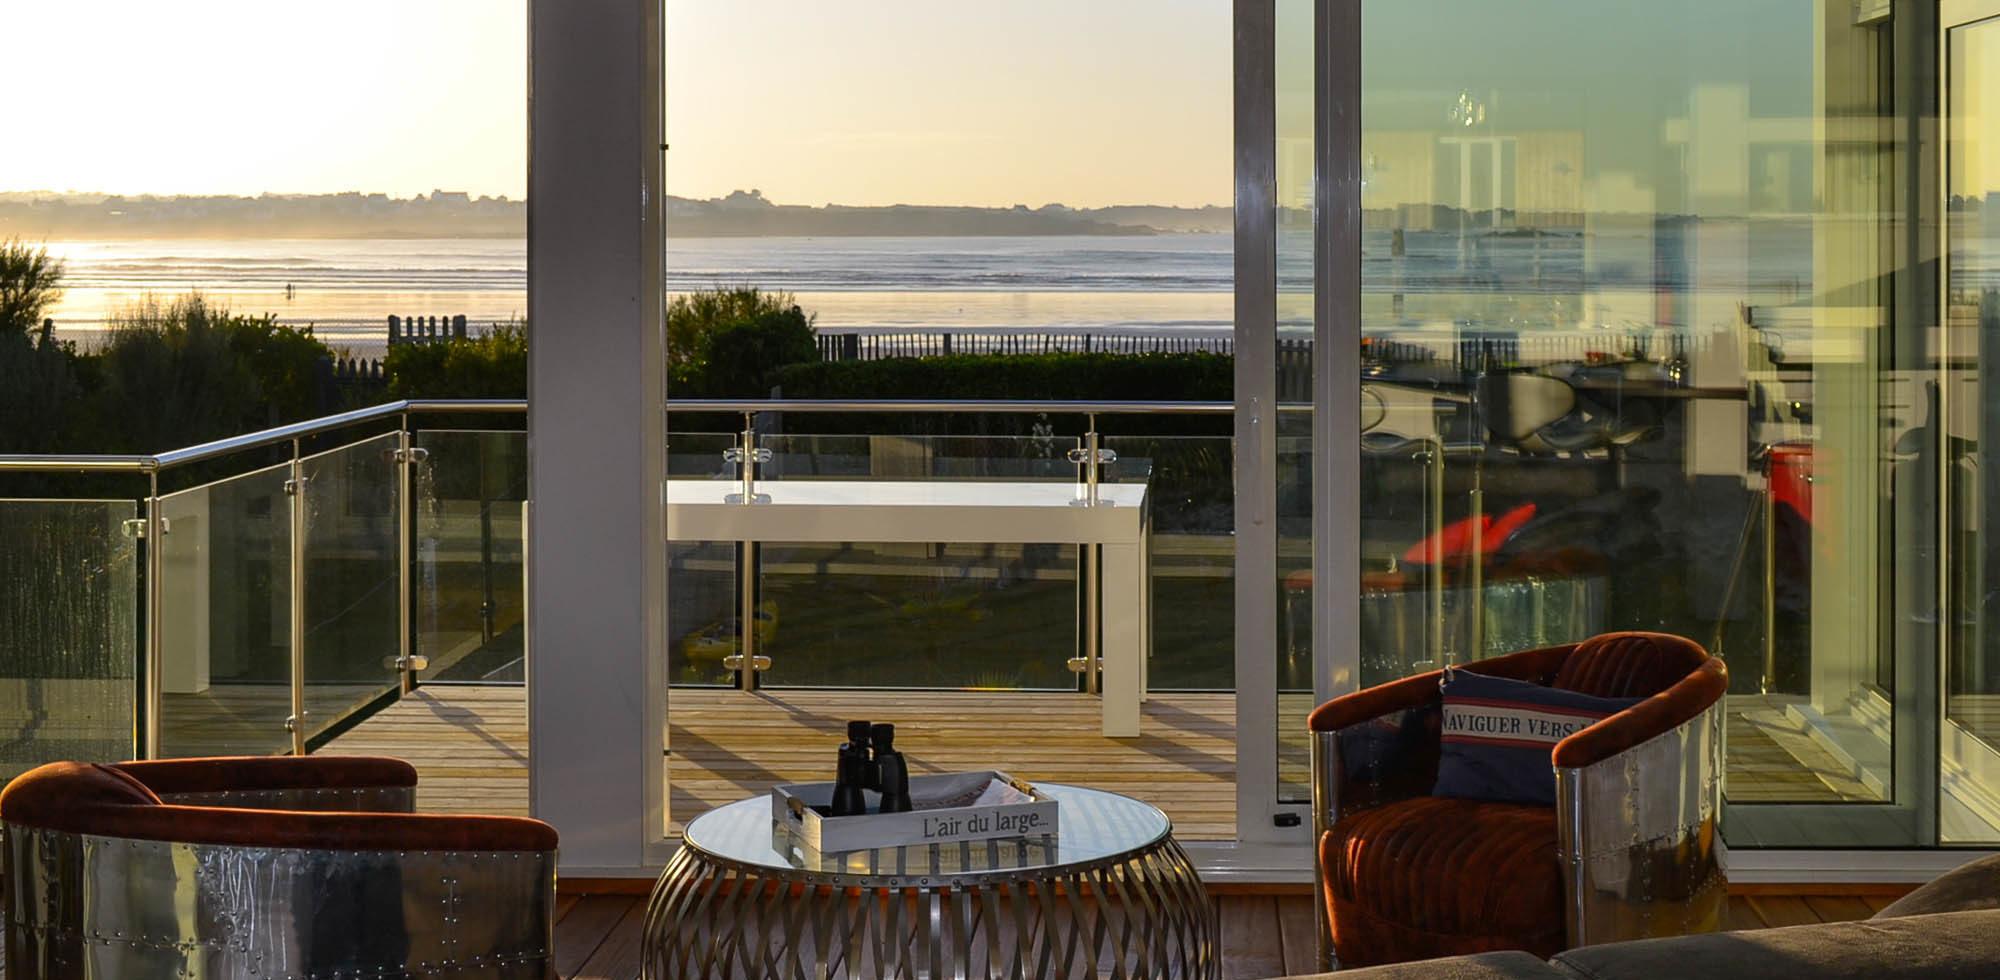 location de villas bretagne séjour vacances vue mer